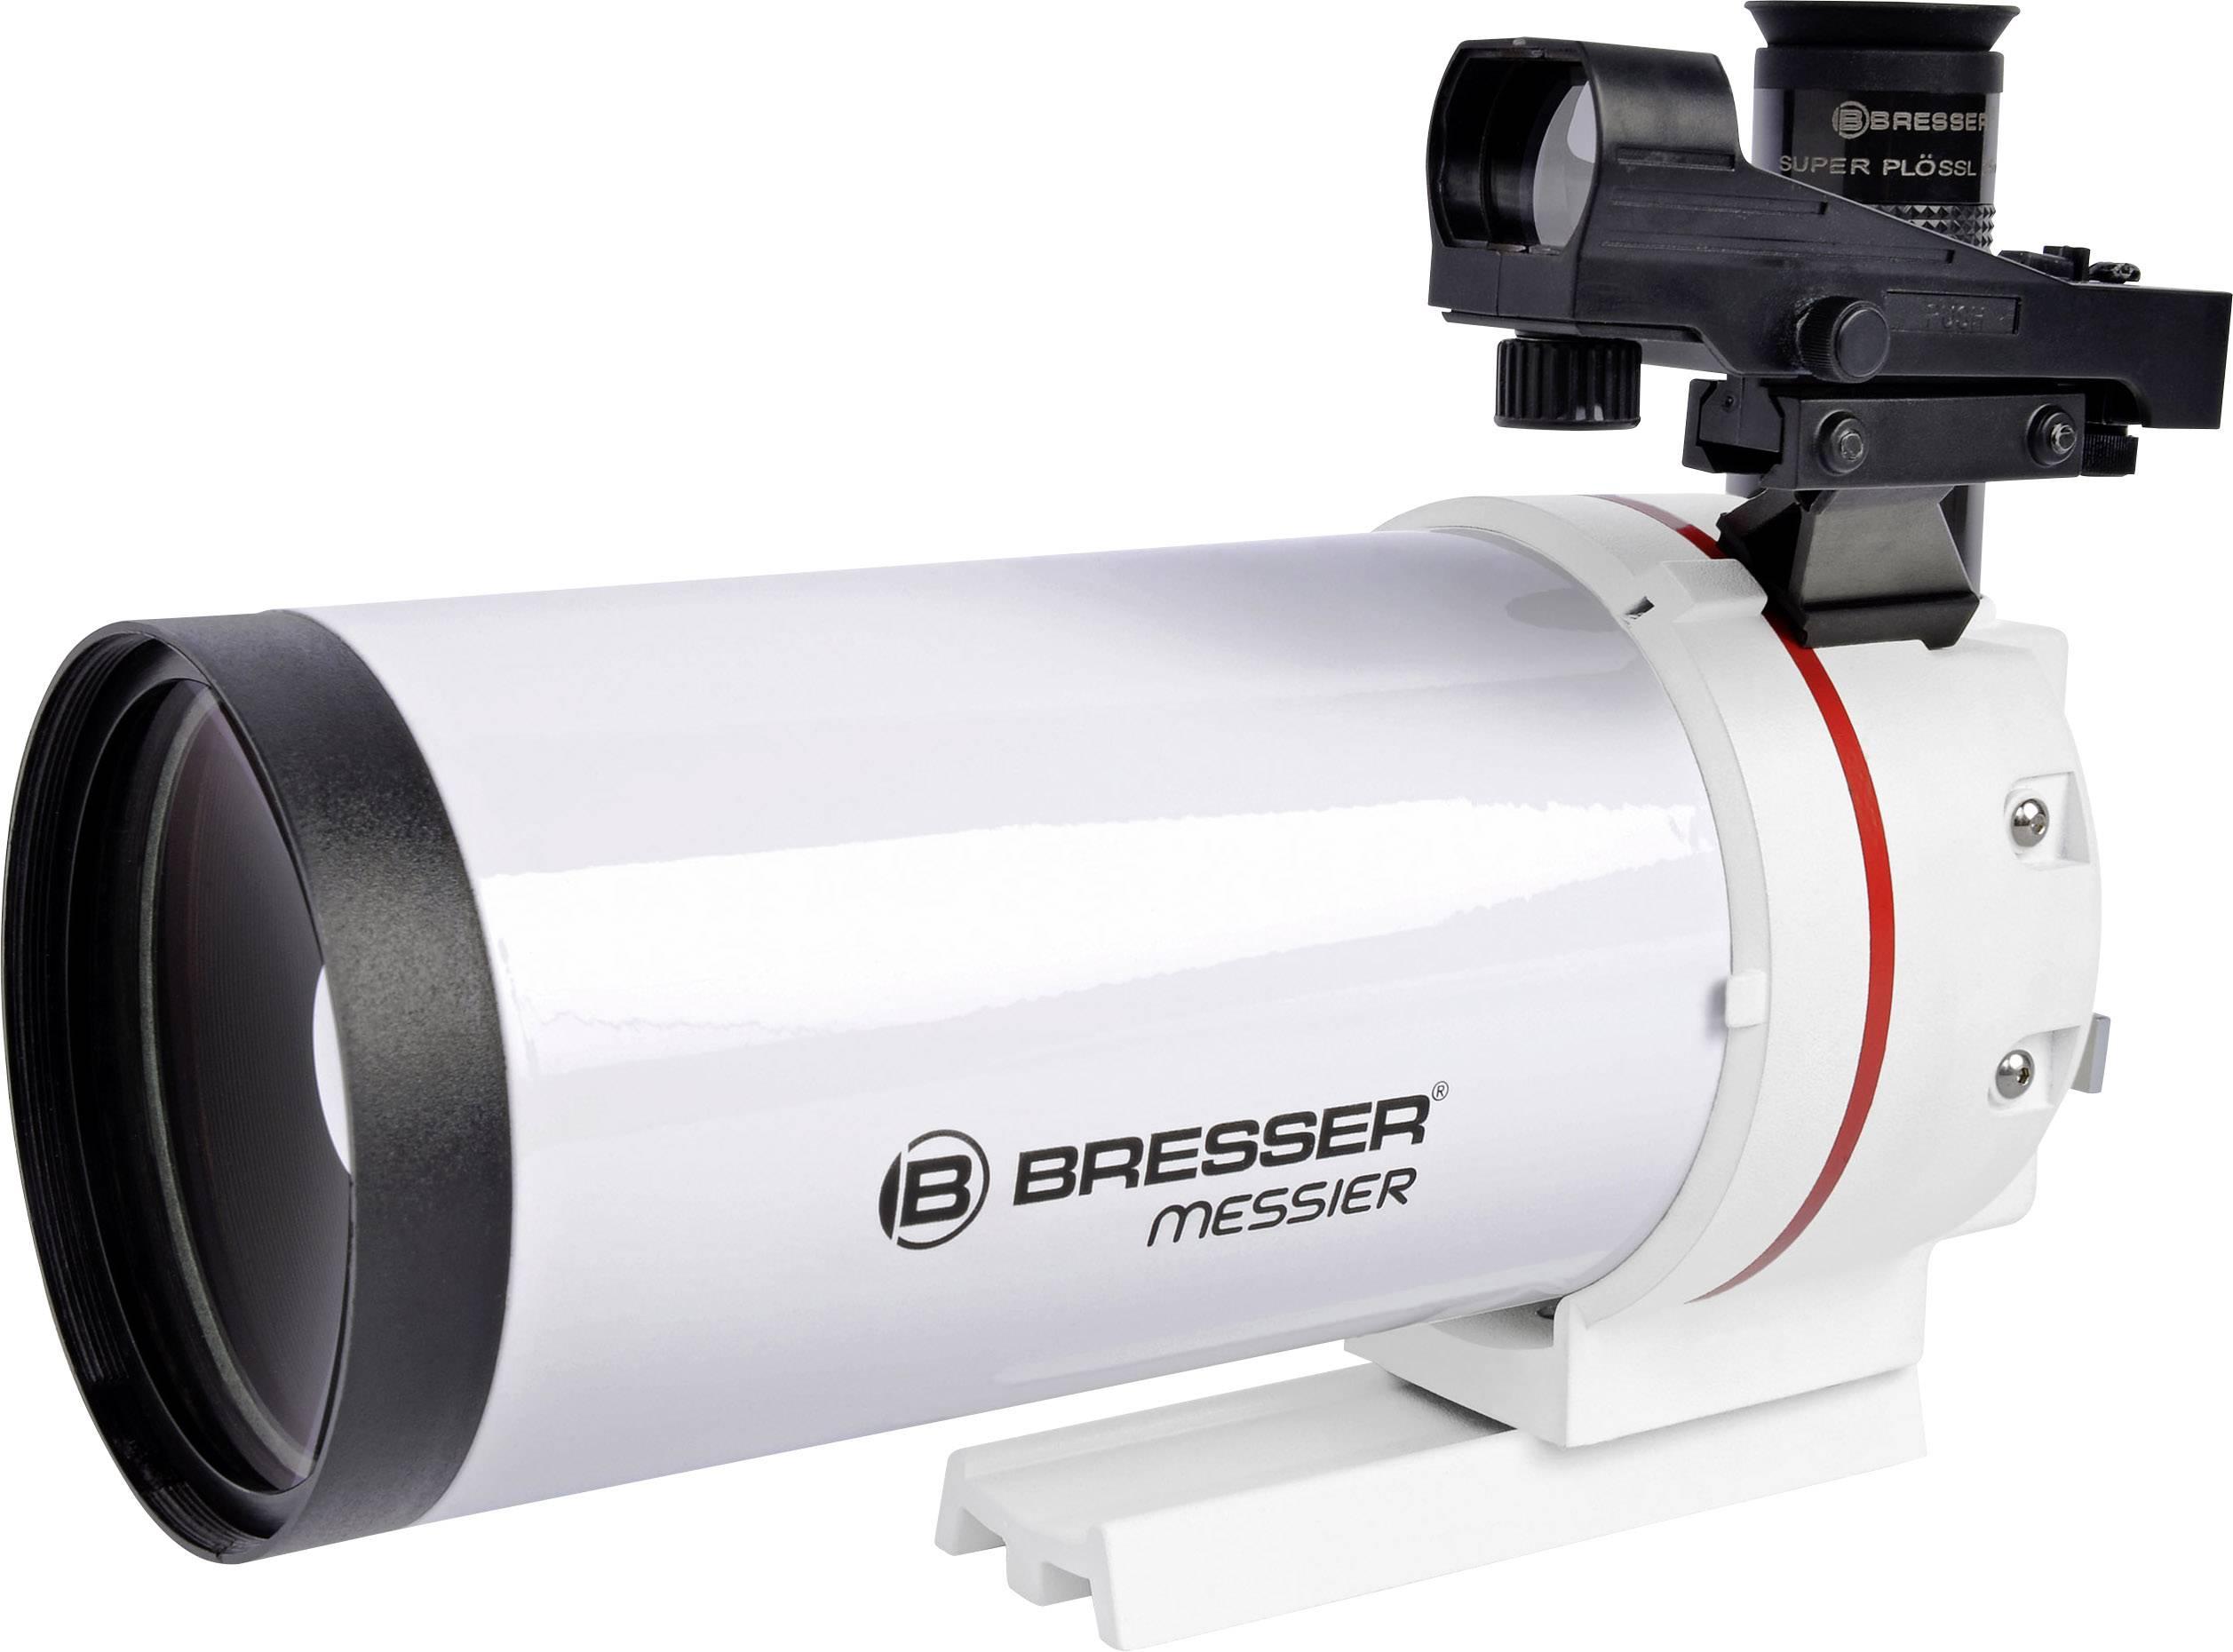 Teleskope günstig online kaufen bei conrad